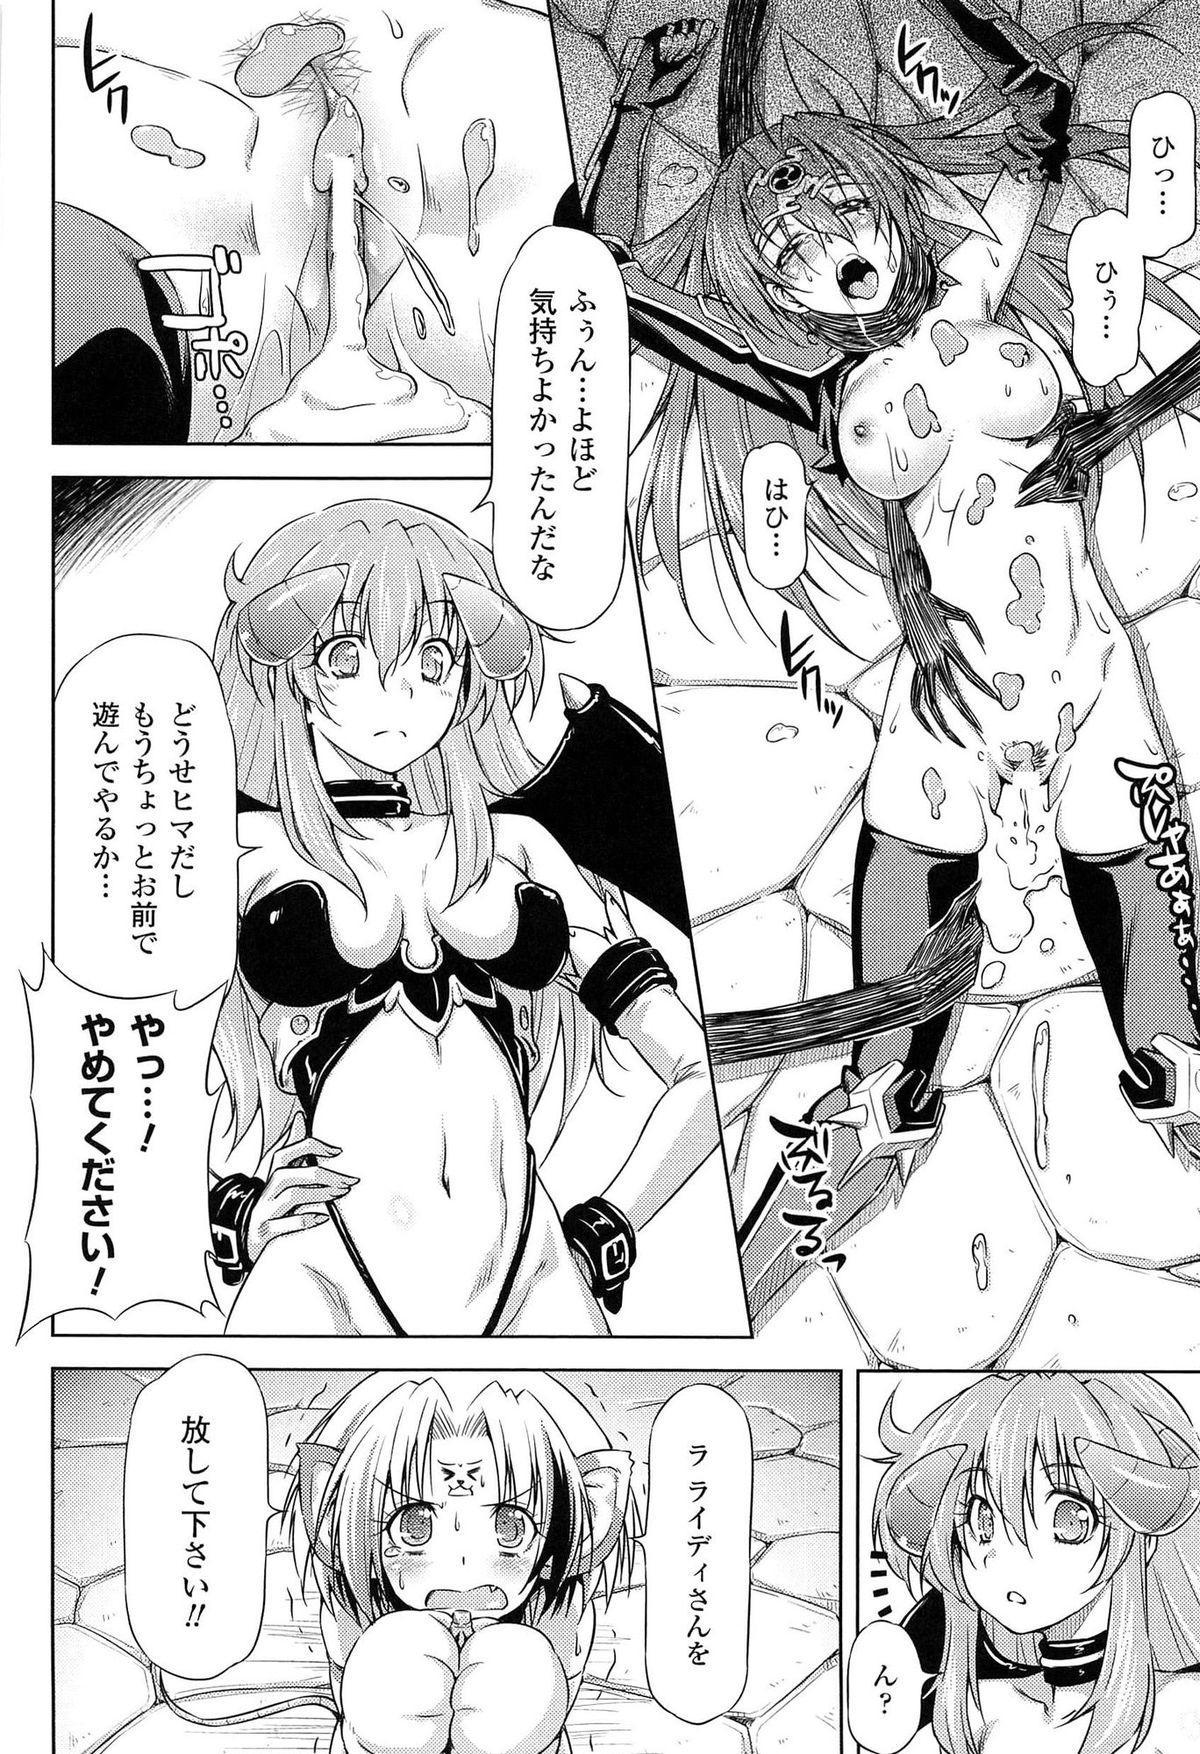 [kazuma muramasa, ZyX] Ikazuchi no Senshi Raidy ~Haja no Raikou~ THE COMIC 125